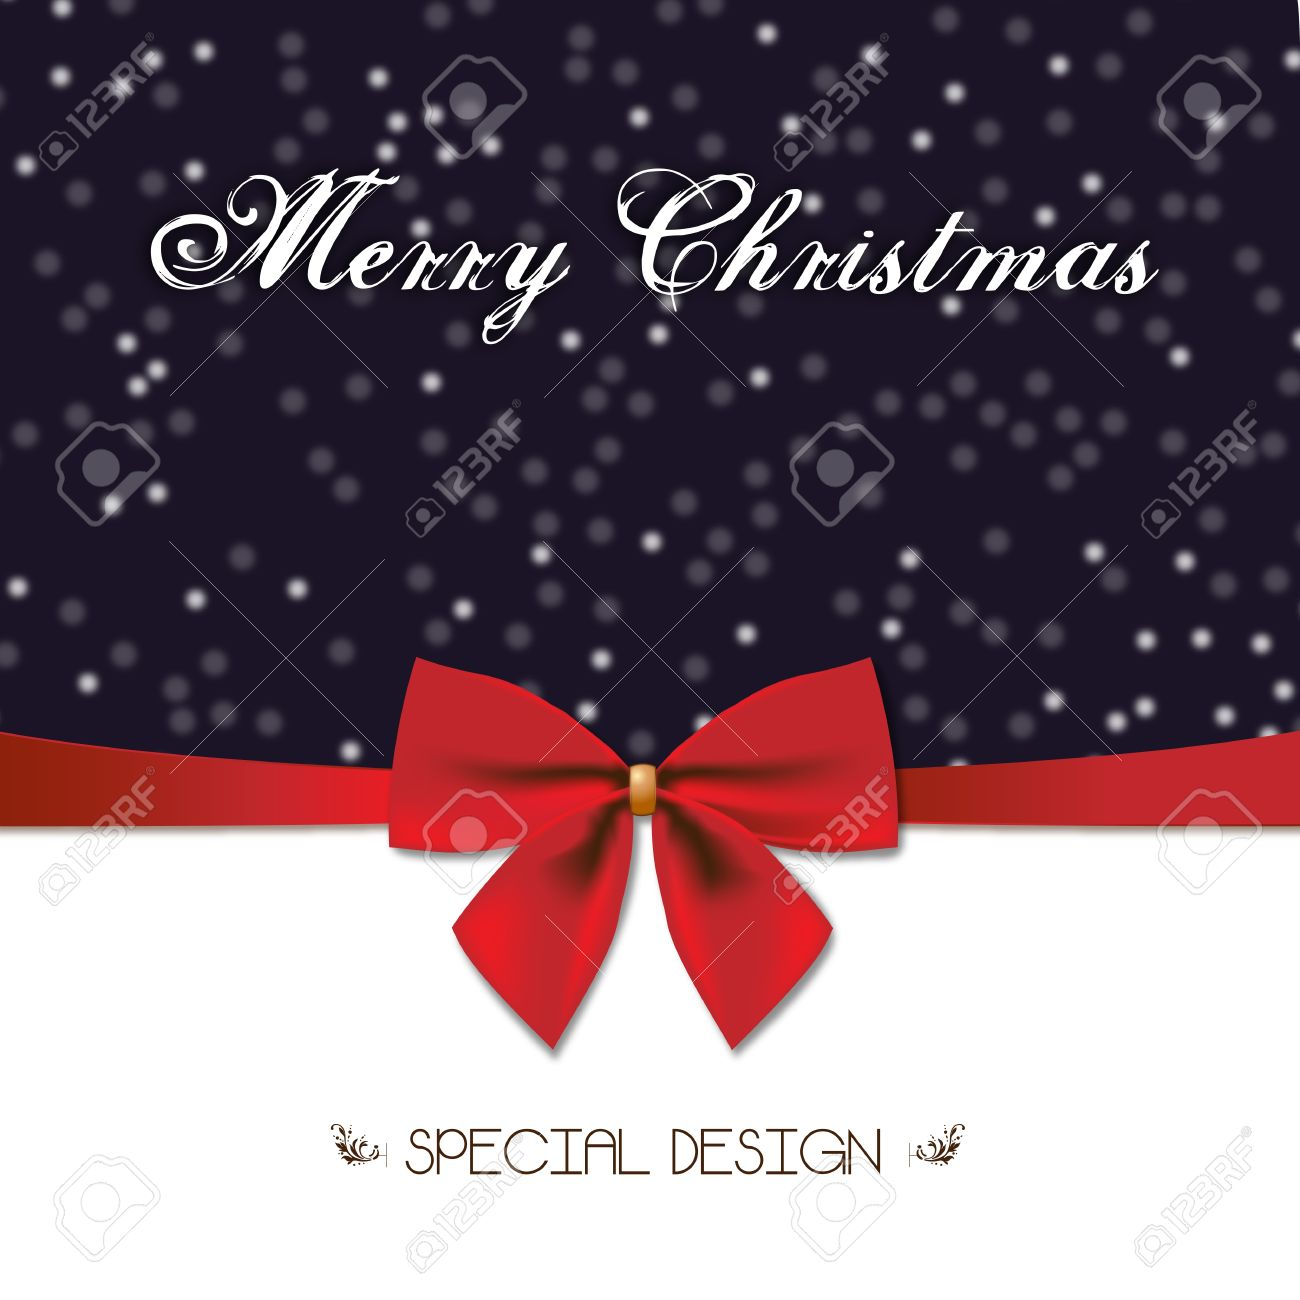 Frohe Weihnachten Besonderes Design Und Red Gift Bow Xmas Decoration ...